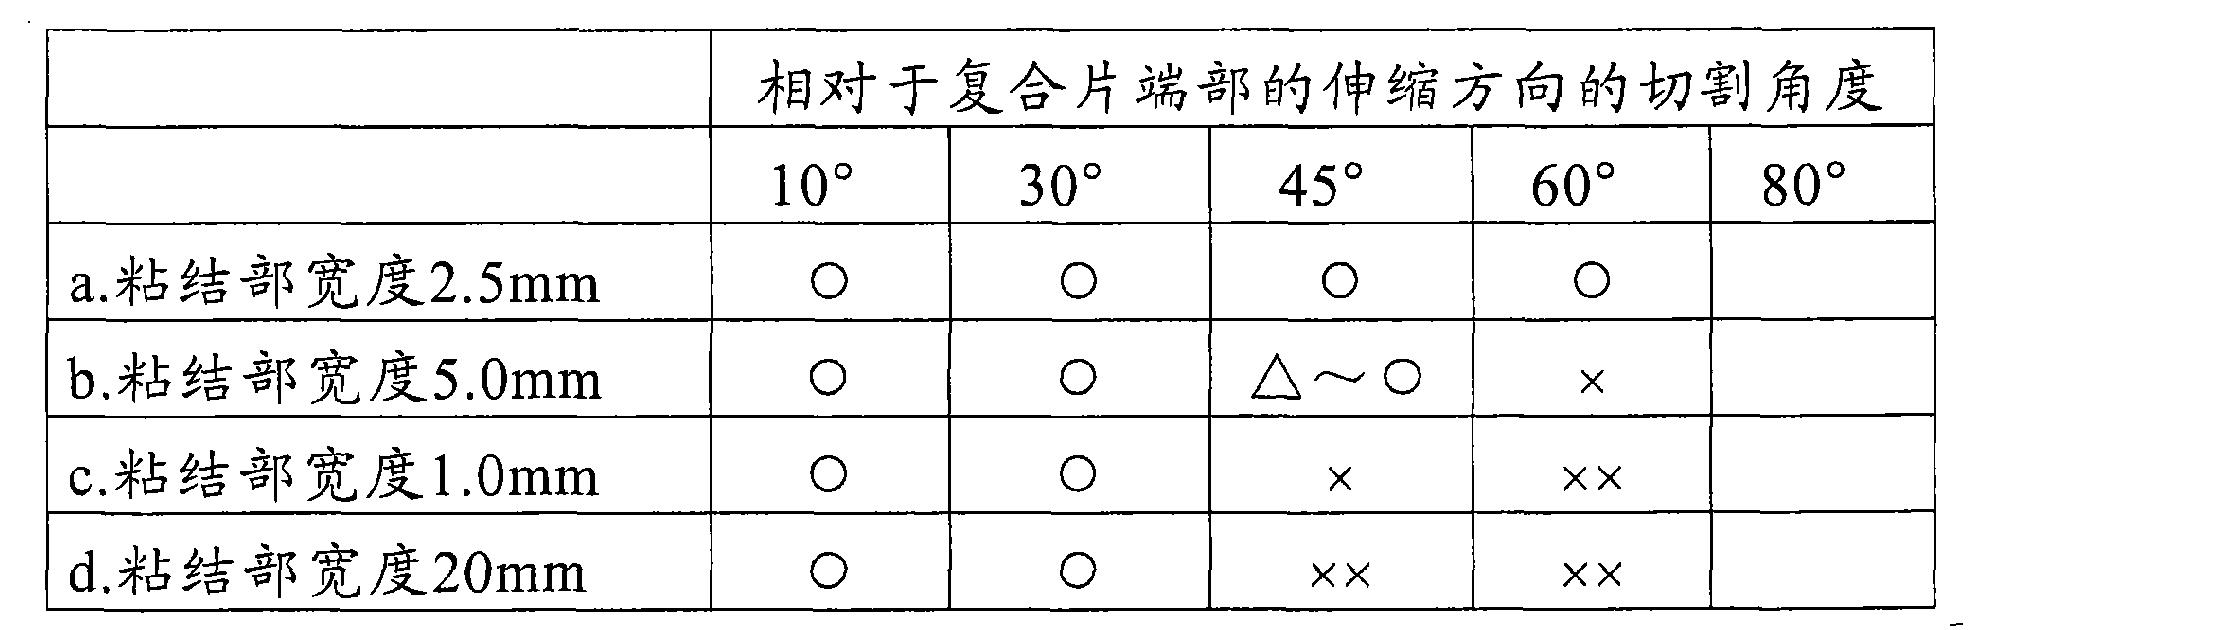 Figure CN101541282BD00102